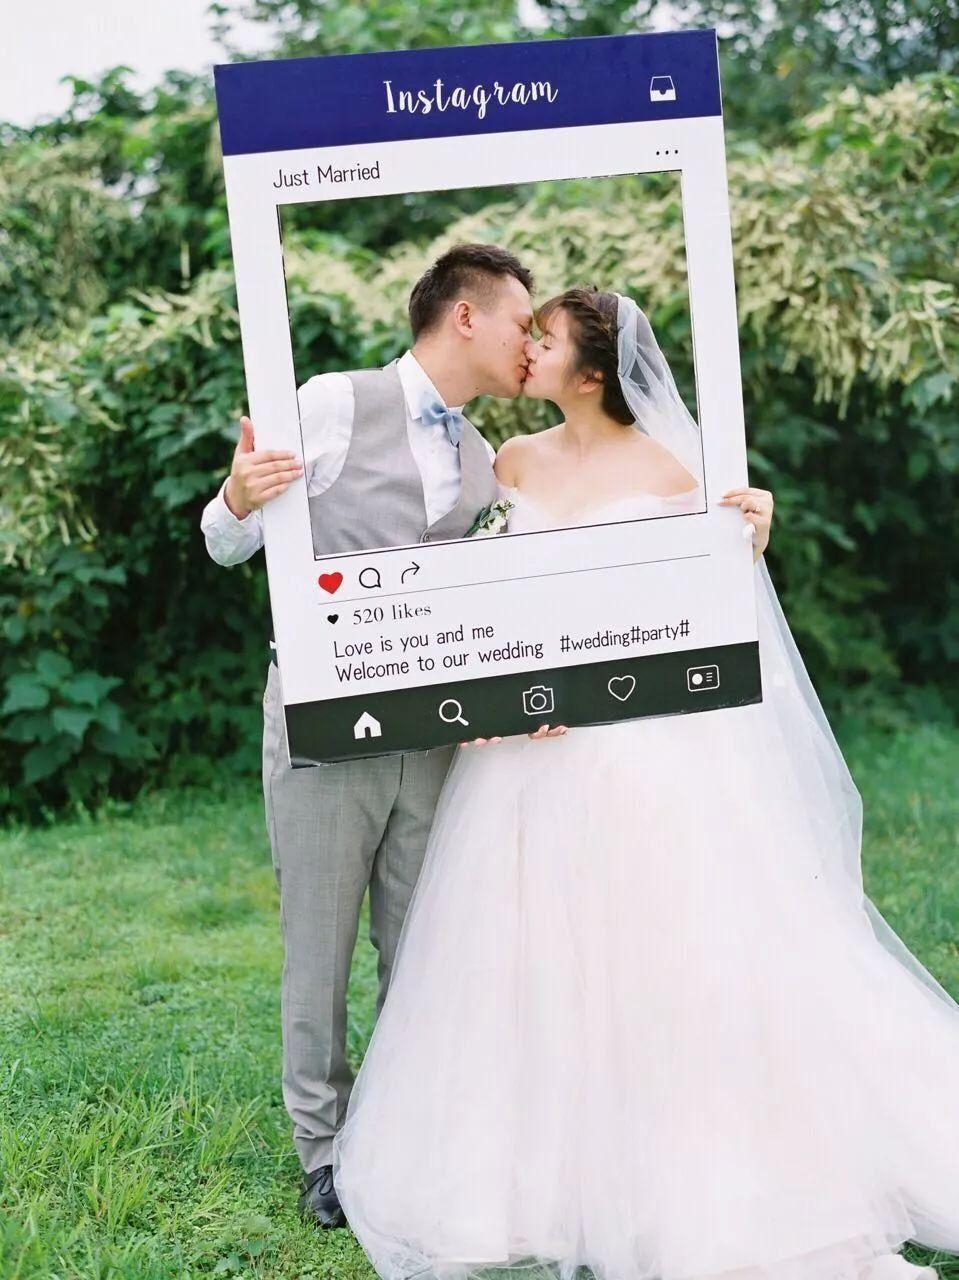 成都婚礼跟拍摄影师盘点14家够你选吗?!他们把爱情拍得比蜜甜